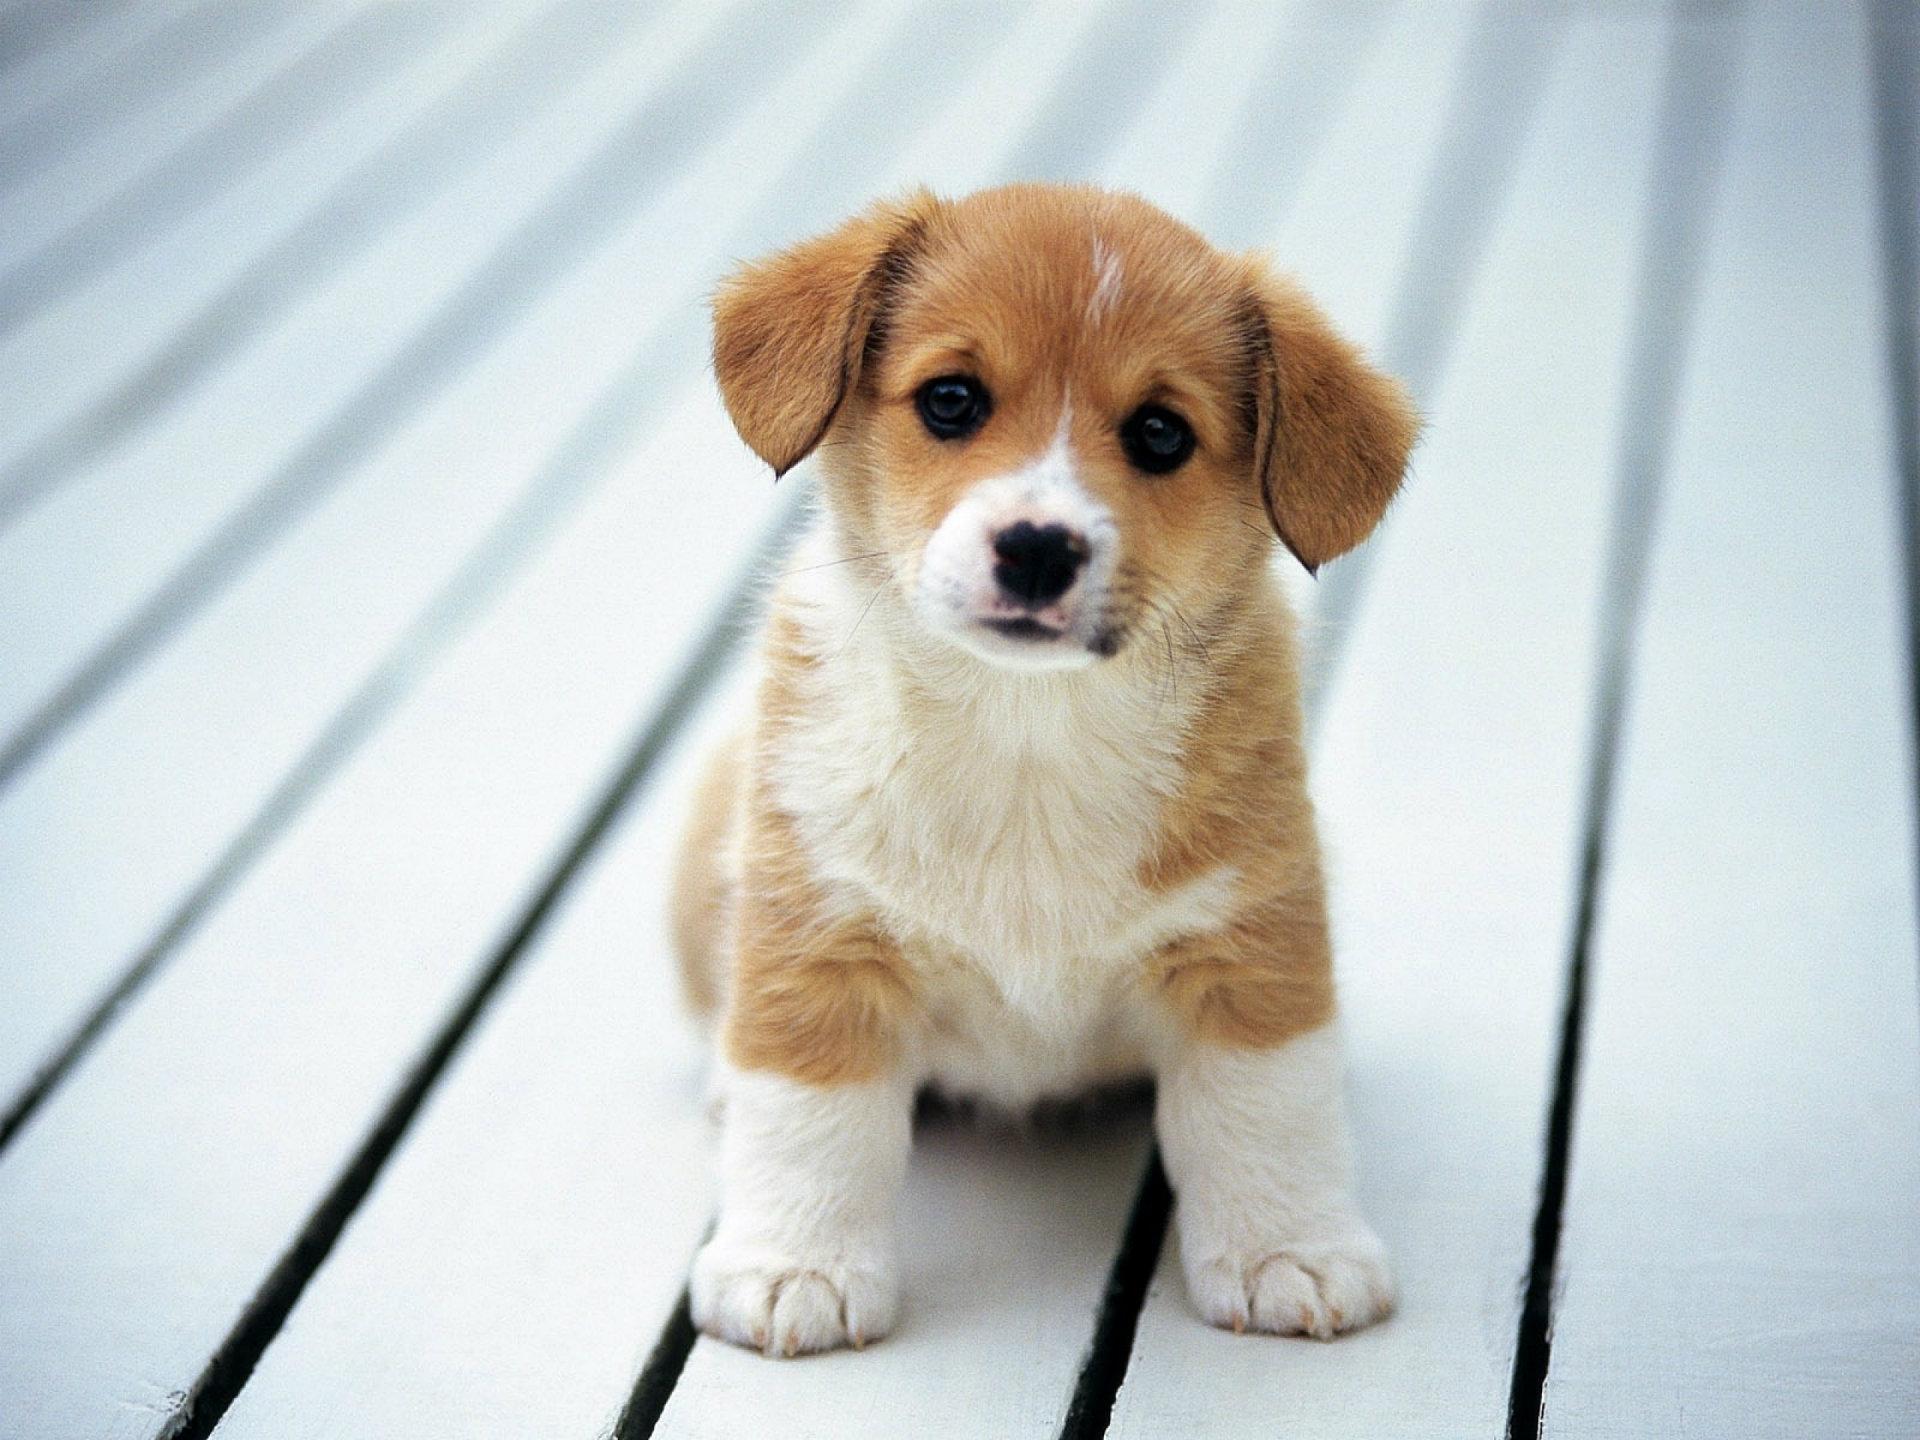 9715 desktop wallpaper pictures puppies 1920x1440